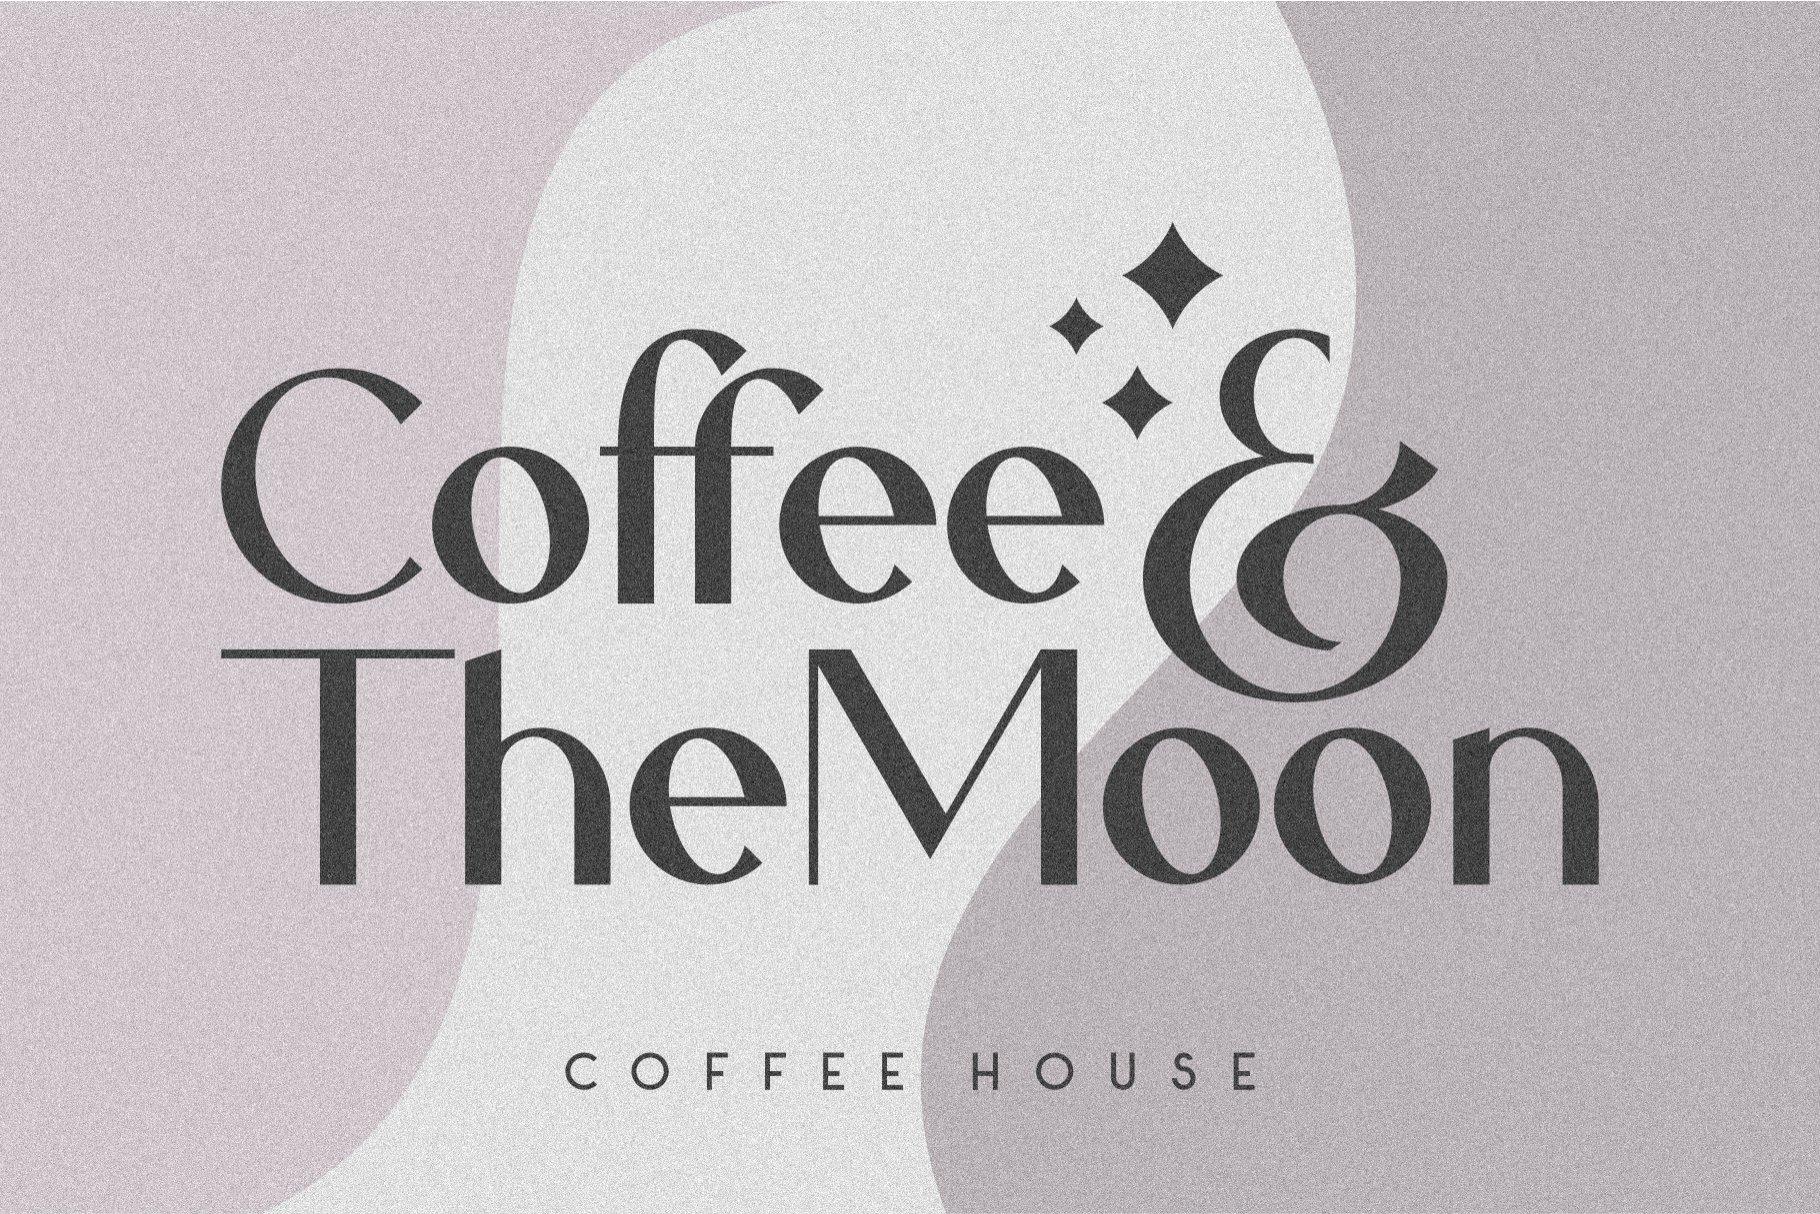 优雅轻奢现代时尚Logo杂志海报标题衬线英文字体素材 Caligna Typeface插图3